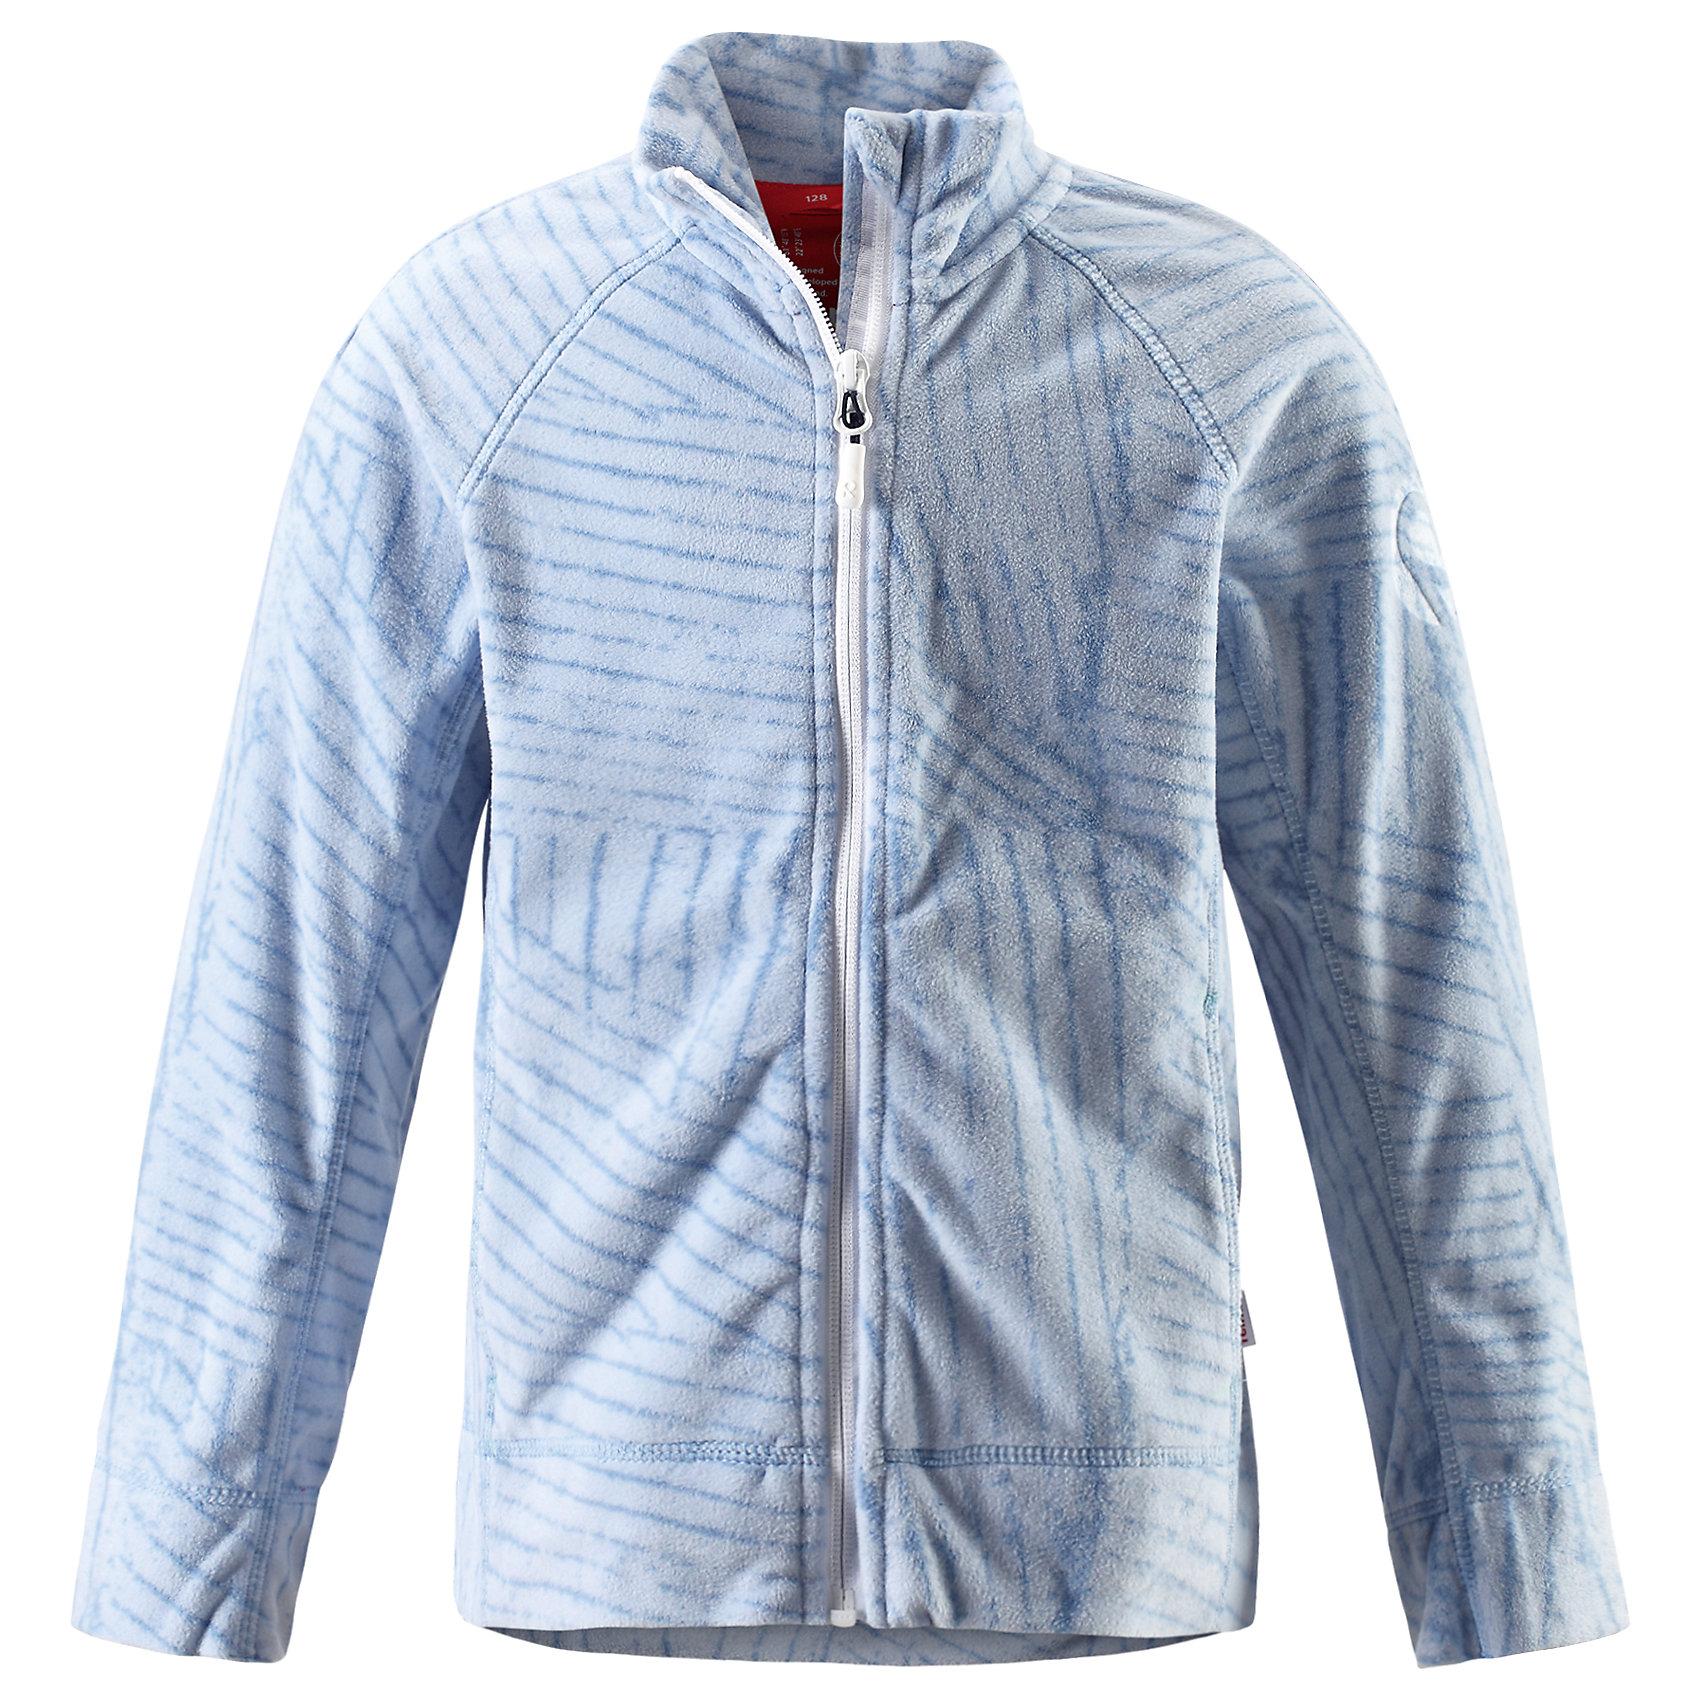 Куртка Piiru флисовая для девочки ReimaФлис и термобелье<br>Характеристики товара:<br><br>• цвет: голубой<br>• состав: 100% полиэстер<br>• теплый, легкий и быстросохнущий микрофлис<br>• молния во всю длину со вставкой для защиты подбородка<br>• приятная на ощупь ткань<br>• два боковых кармана<br>• комфортная посадка<br>• с отделкой горячим тиснением<br>• страна производства: Китай<br>• страна бренда: Финляндия<br>• коллекция: весна-лето 2017<br><br>Одежда для детей может быть модной и комфортной одновременно! Удобная курточка поможет обеспечить ребенку комфорт и тепло. Изделие сшито из микрофлиса - мягкого и теплого материала, приятного на ощупь. Модель стильно смотрится, отлично сочетается с различным низом. Стильный дизайн разрабатывался специально для детей.<br><br>Одежда и обувь от финского бренда Reima пользуется популярностью во многих странах. Эти изделия стильные, качественные и удобные. Для производства продукции используются только безопасные, проверенные материалы и фурнитура. Порадуйте ребенка модными и красивыми вещами от Reima! <br><br>Куртку флисовую для девочки от финского бренда Reima (Рейма) можно купить в нашем интернет-магазине.<br><br>Ширина мм: 356<br>Глубина мм: 10<br>Высота мм: 245<br>Вес г: 519<br>Цвет: синий<br>Возраст от месяцев: 72<br>Возраст до месяцев: 84<br>Пол: Женский<br>Возраст: Детский<br>Размер: 122,140,146,152,158,110,134,128,116<br>SKU: 5267441